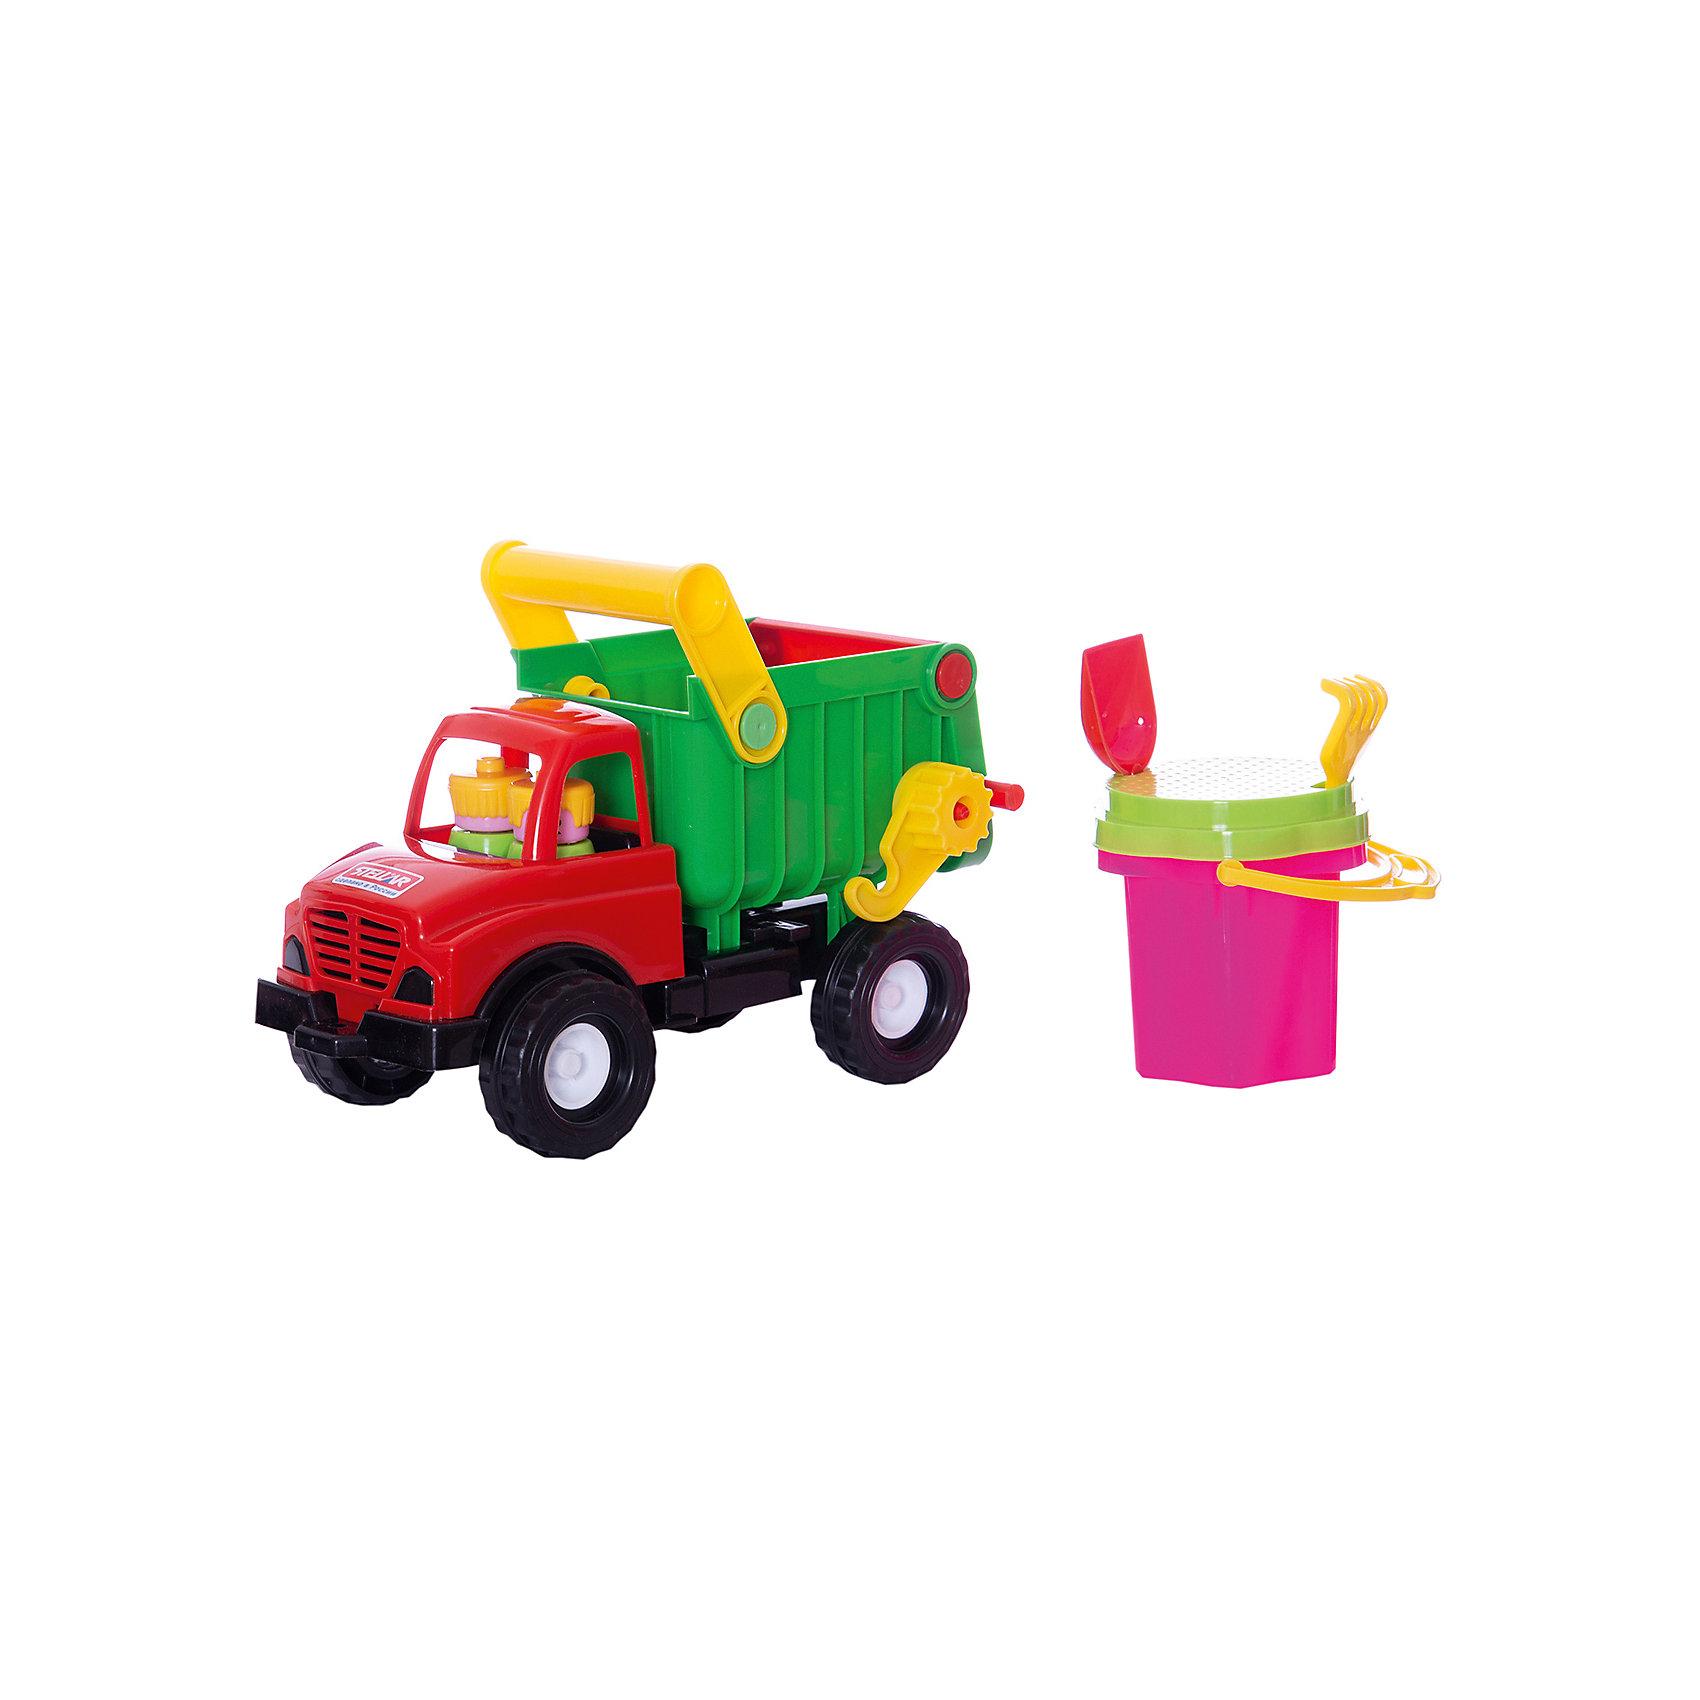 Грузовик-самосвал, СтелларИграем в песочнице<br>Набор для игры в песочнице Грузовик-самосвал обязательно понравится Вашему малышу!<br><br>Яркий, разноцветный грузовик имеет кузов, в который легко помещается всё необходимое для игры в песке: ведро-цветок 0,3 л, сито, грабли и совок.<br><br>Ваш ребёнок сможет взять этот красивый грузовик-самосвал с собой на дачу, на пляж или играть с ним во дворе с друзьями. Порадуйте юного строителя новой яркой игрушкой!<br><br>Дополнительная информация:<br><br>- В наборе: яркий самосвал, ведро-цветок 0,3 л, сито, грабли, совок<br>- Размер: 20 х 26 х 14 см<br>- Материал: полипропилен<br>- Вид упаковки: сетка<br><br>ВНИМАНИЕ! Данный артикул имеется в наличии в разных цветовых исполнениях. К сожалению, заранее выбрать определенный цвет невозможно. При заказе нескольких позиций возможно получение одинаковых.<br><br>Ширина мм: 200<br>Глубина мм: 260<br>Высота мм: 140<br>Вес г: 510<br>Возраст от месяцев: 36<br>Возраст до месяцев: 72<br>Пол: Унисекс<br>Возраст: Детский<br>SKU: 3167086